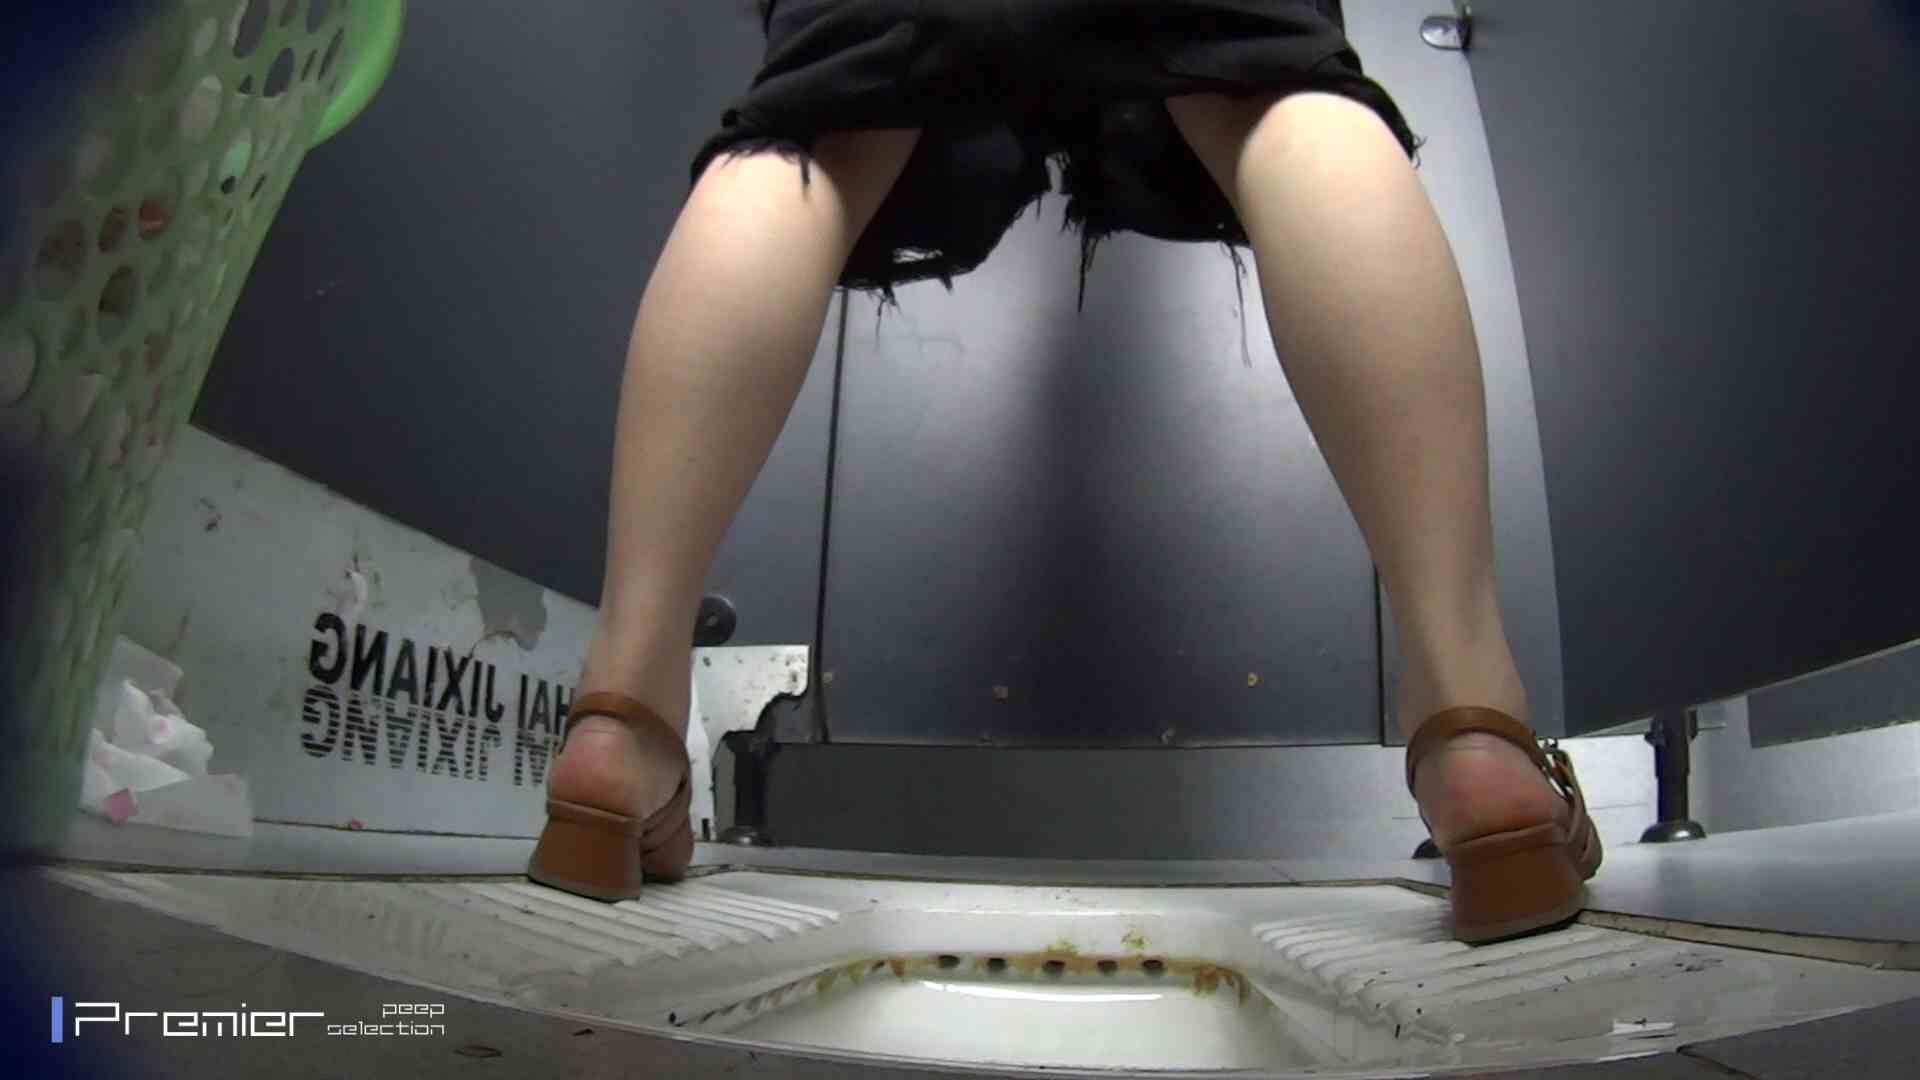 おまたの下から覗く顔 大学休憩時間の洗面所事情43 洗面所 アダルト動画キャプチャ 65画像 40